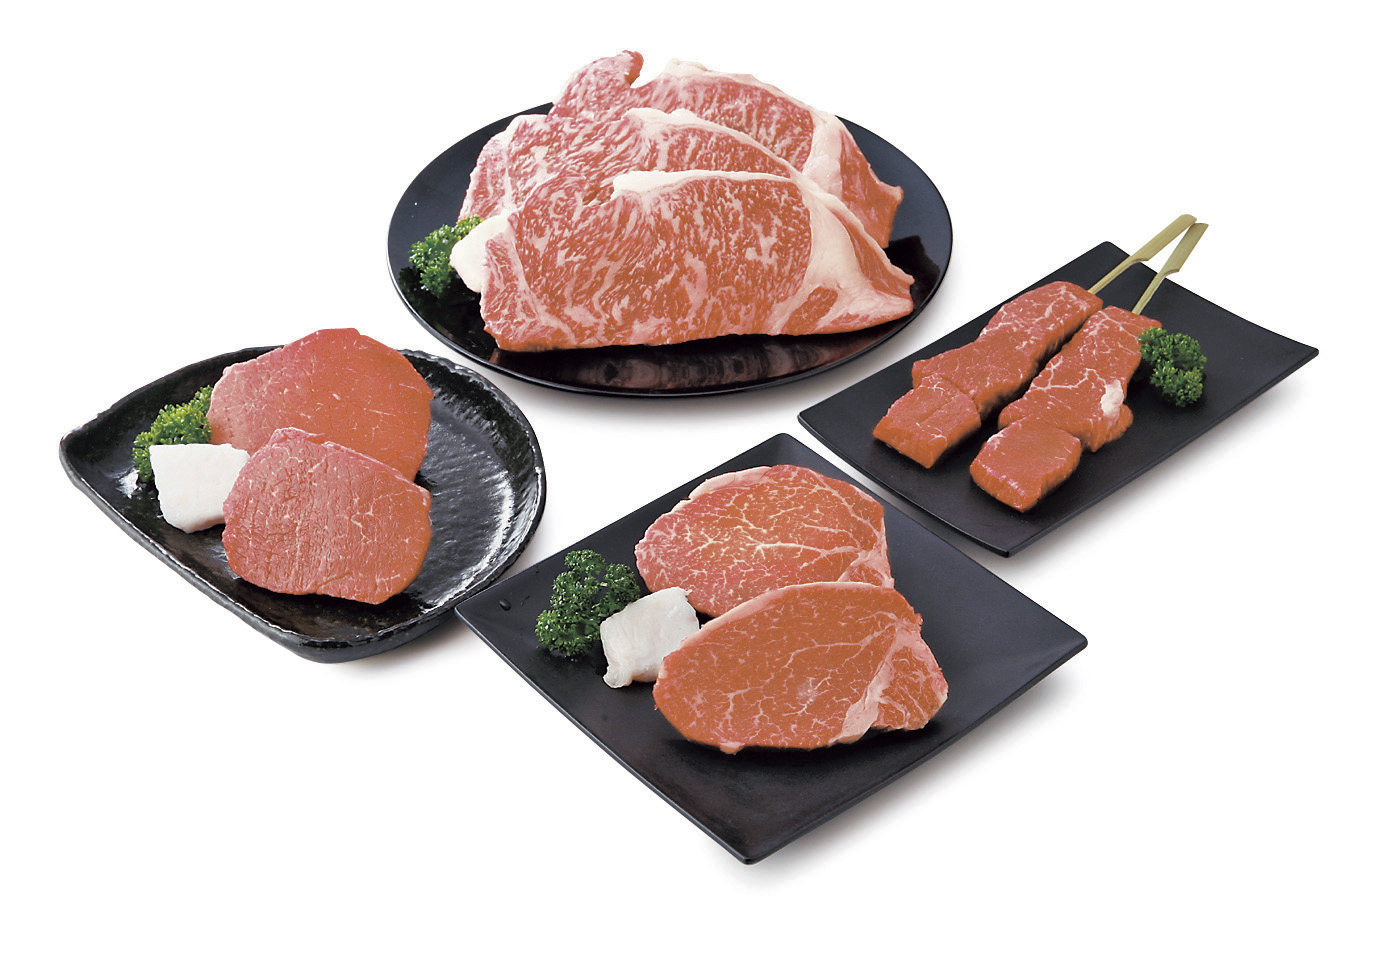 【山形県】米沢牛 ステーキセット サーロイン200g・ヒレ100g・ランプ100g各2枚、串ステーキ(モモ・バラ)100g×2本